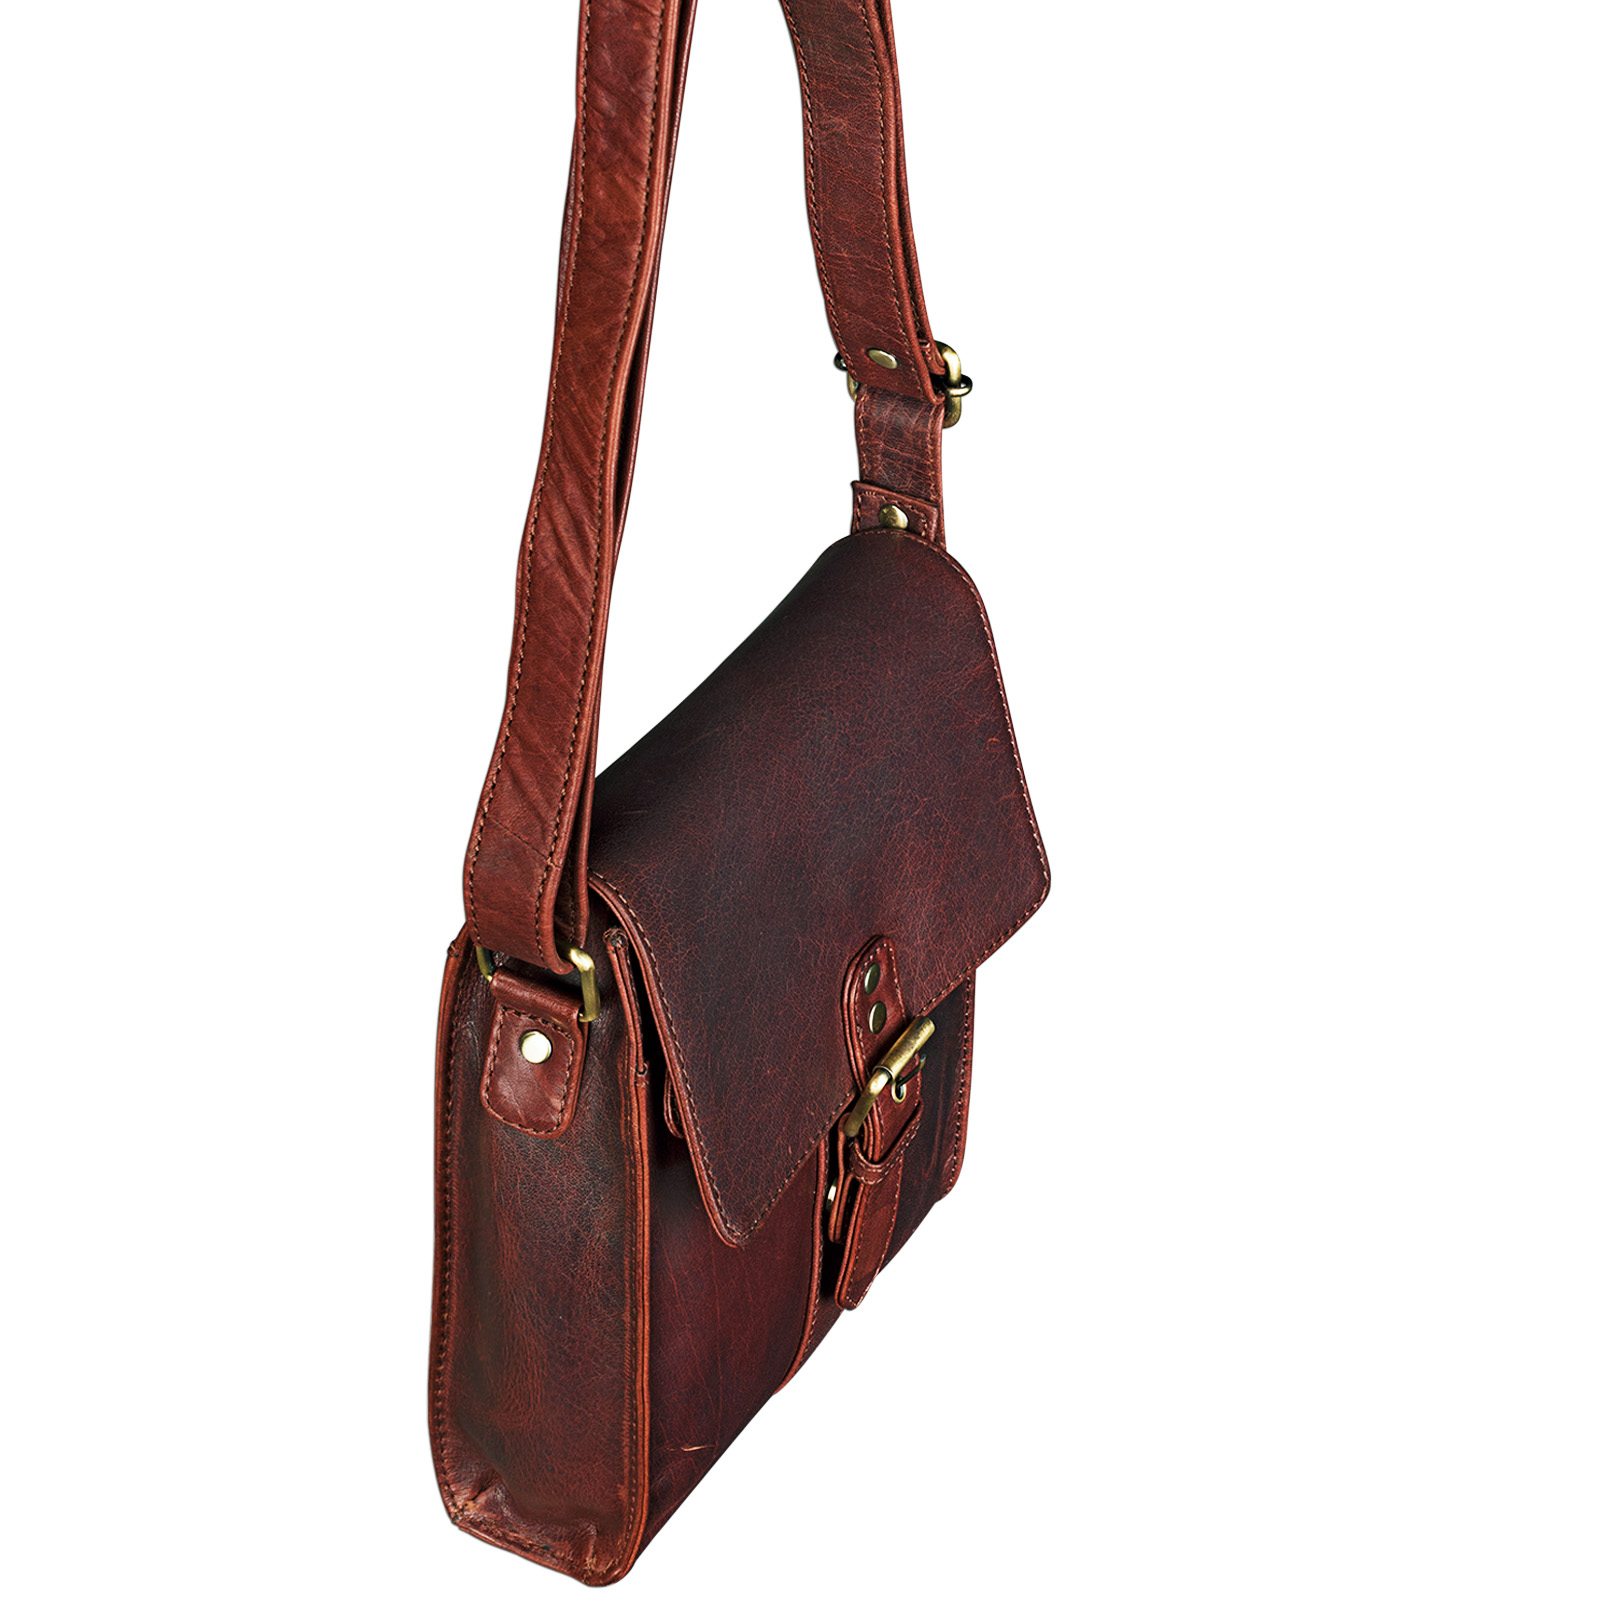 """STILORD """"Kilian"""" Vintage Umhängetasche Leder klein Unisex Messenger Bag für 8,4 Zoll Tablets Schultertasche Herren Damen echtes Leder - Bild 4"""